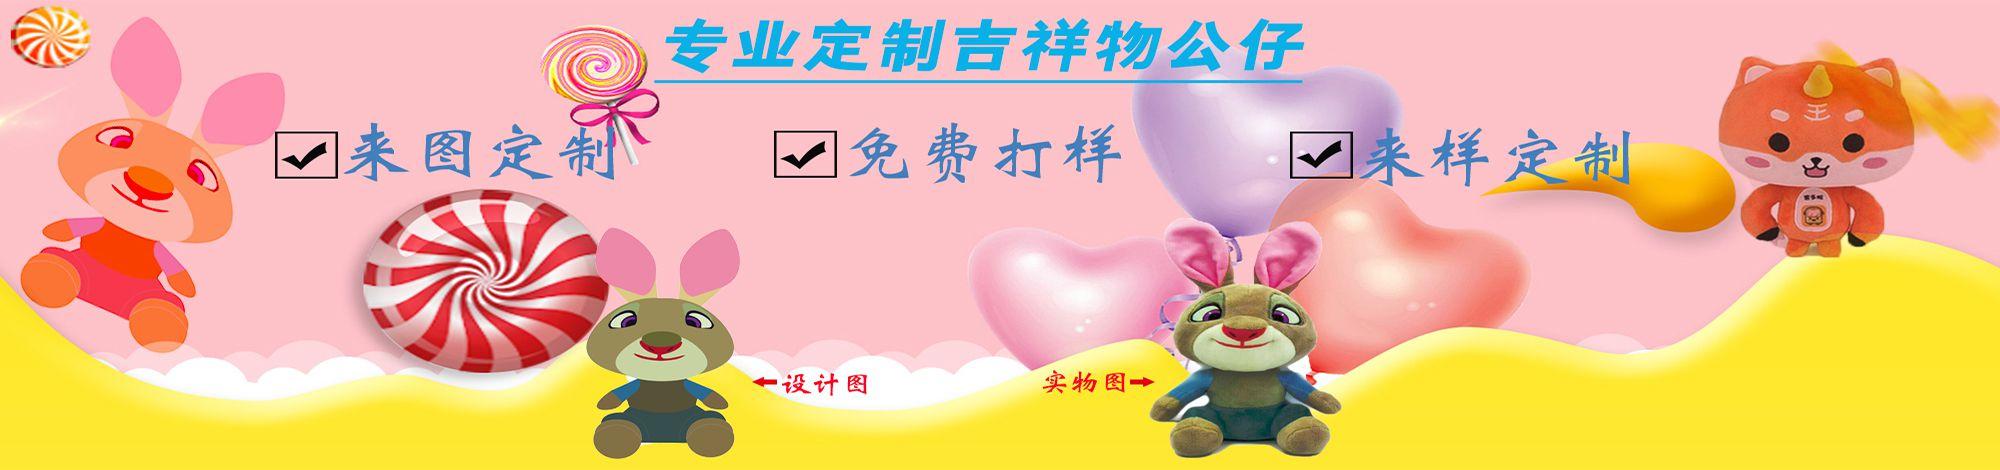 东莞市洋成玩具有限公司